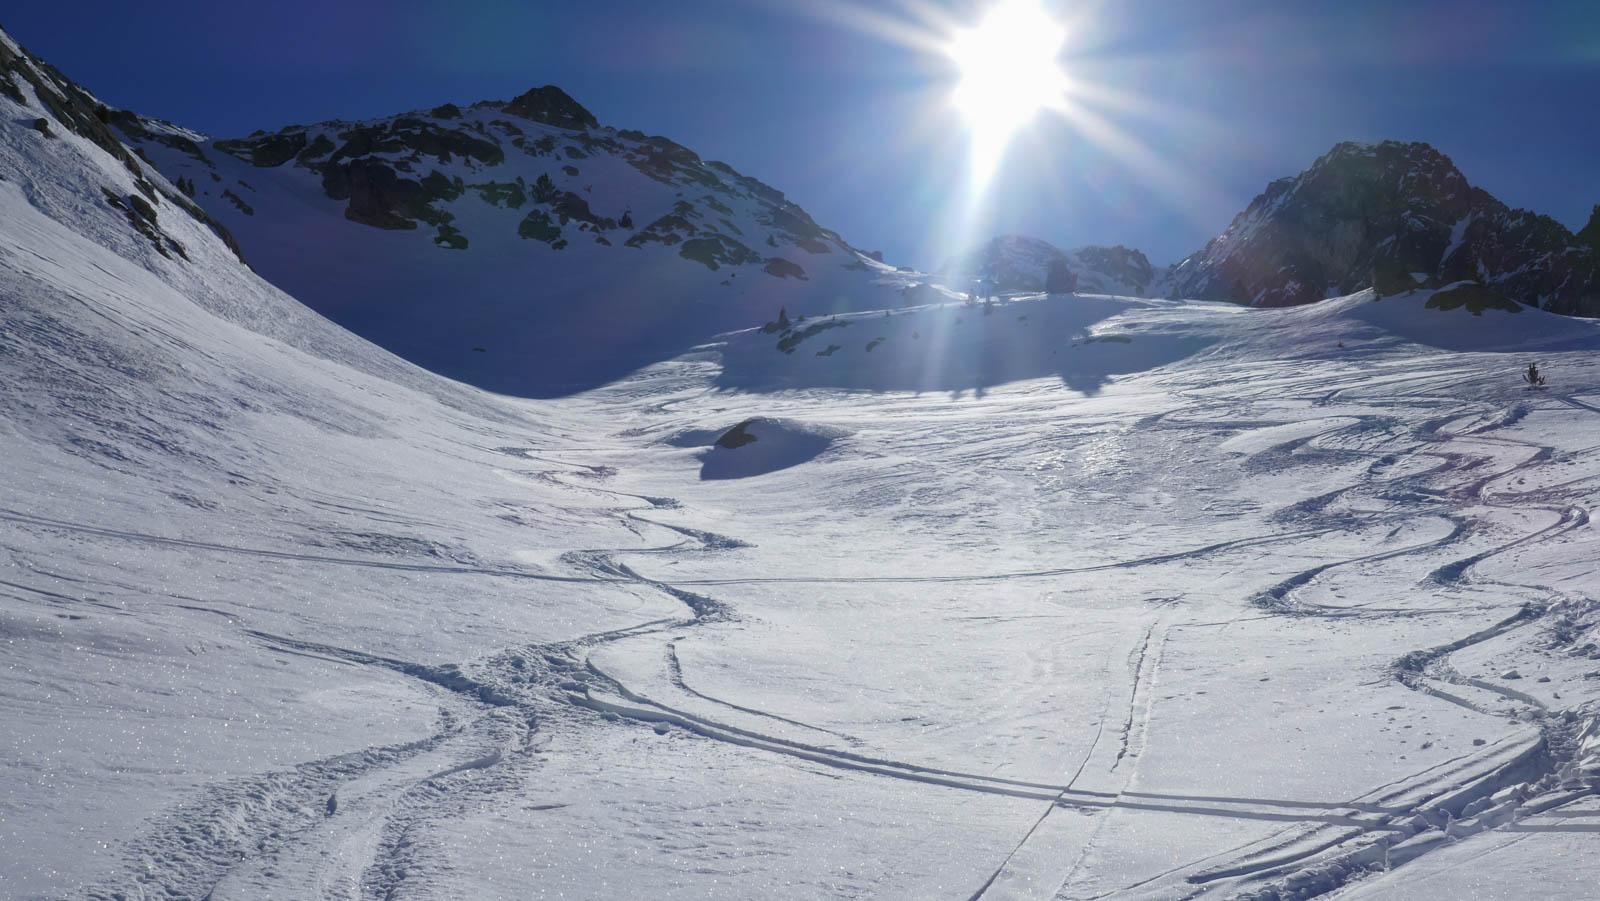 Tablato y Serrato. Descenso por la Diagonal. Esquí de montaña